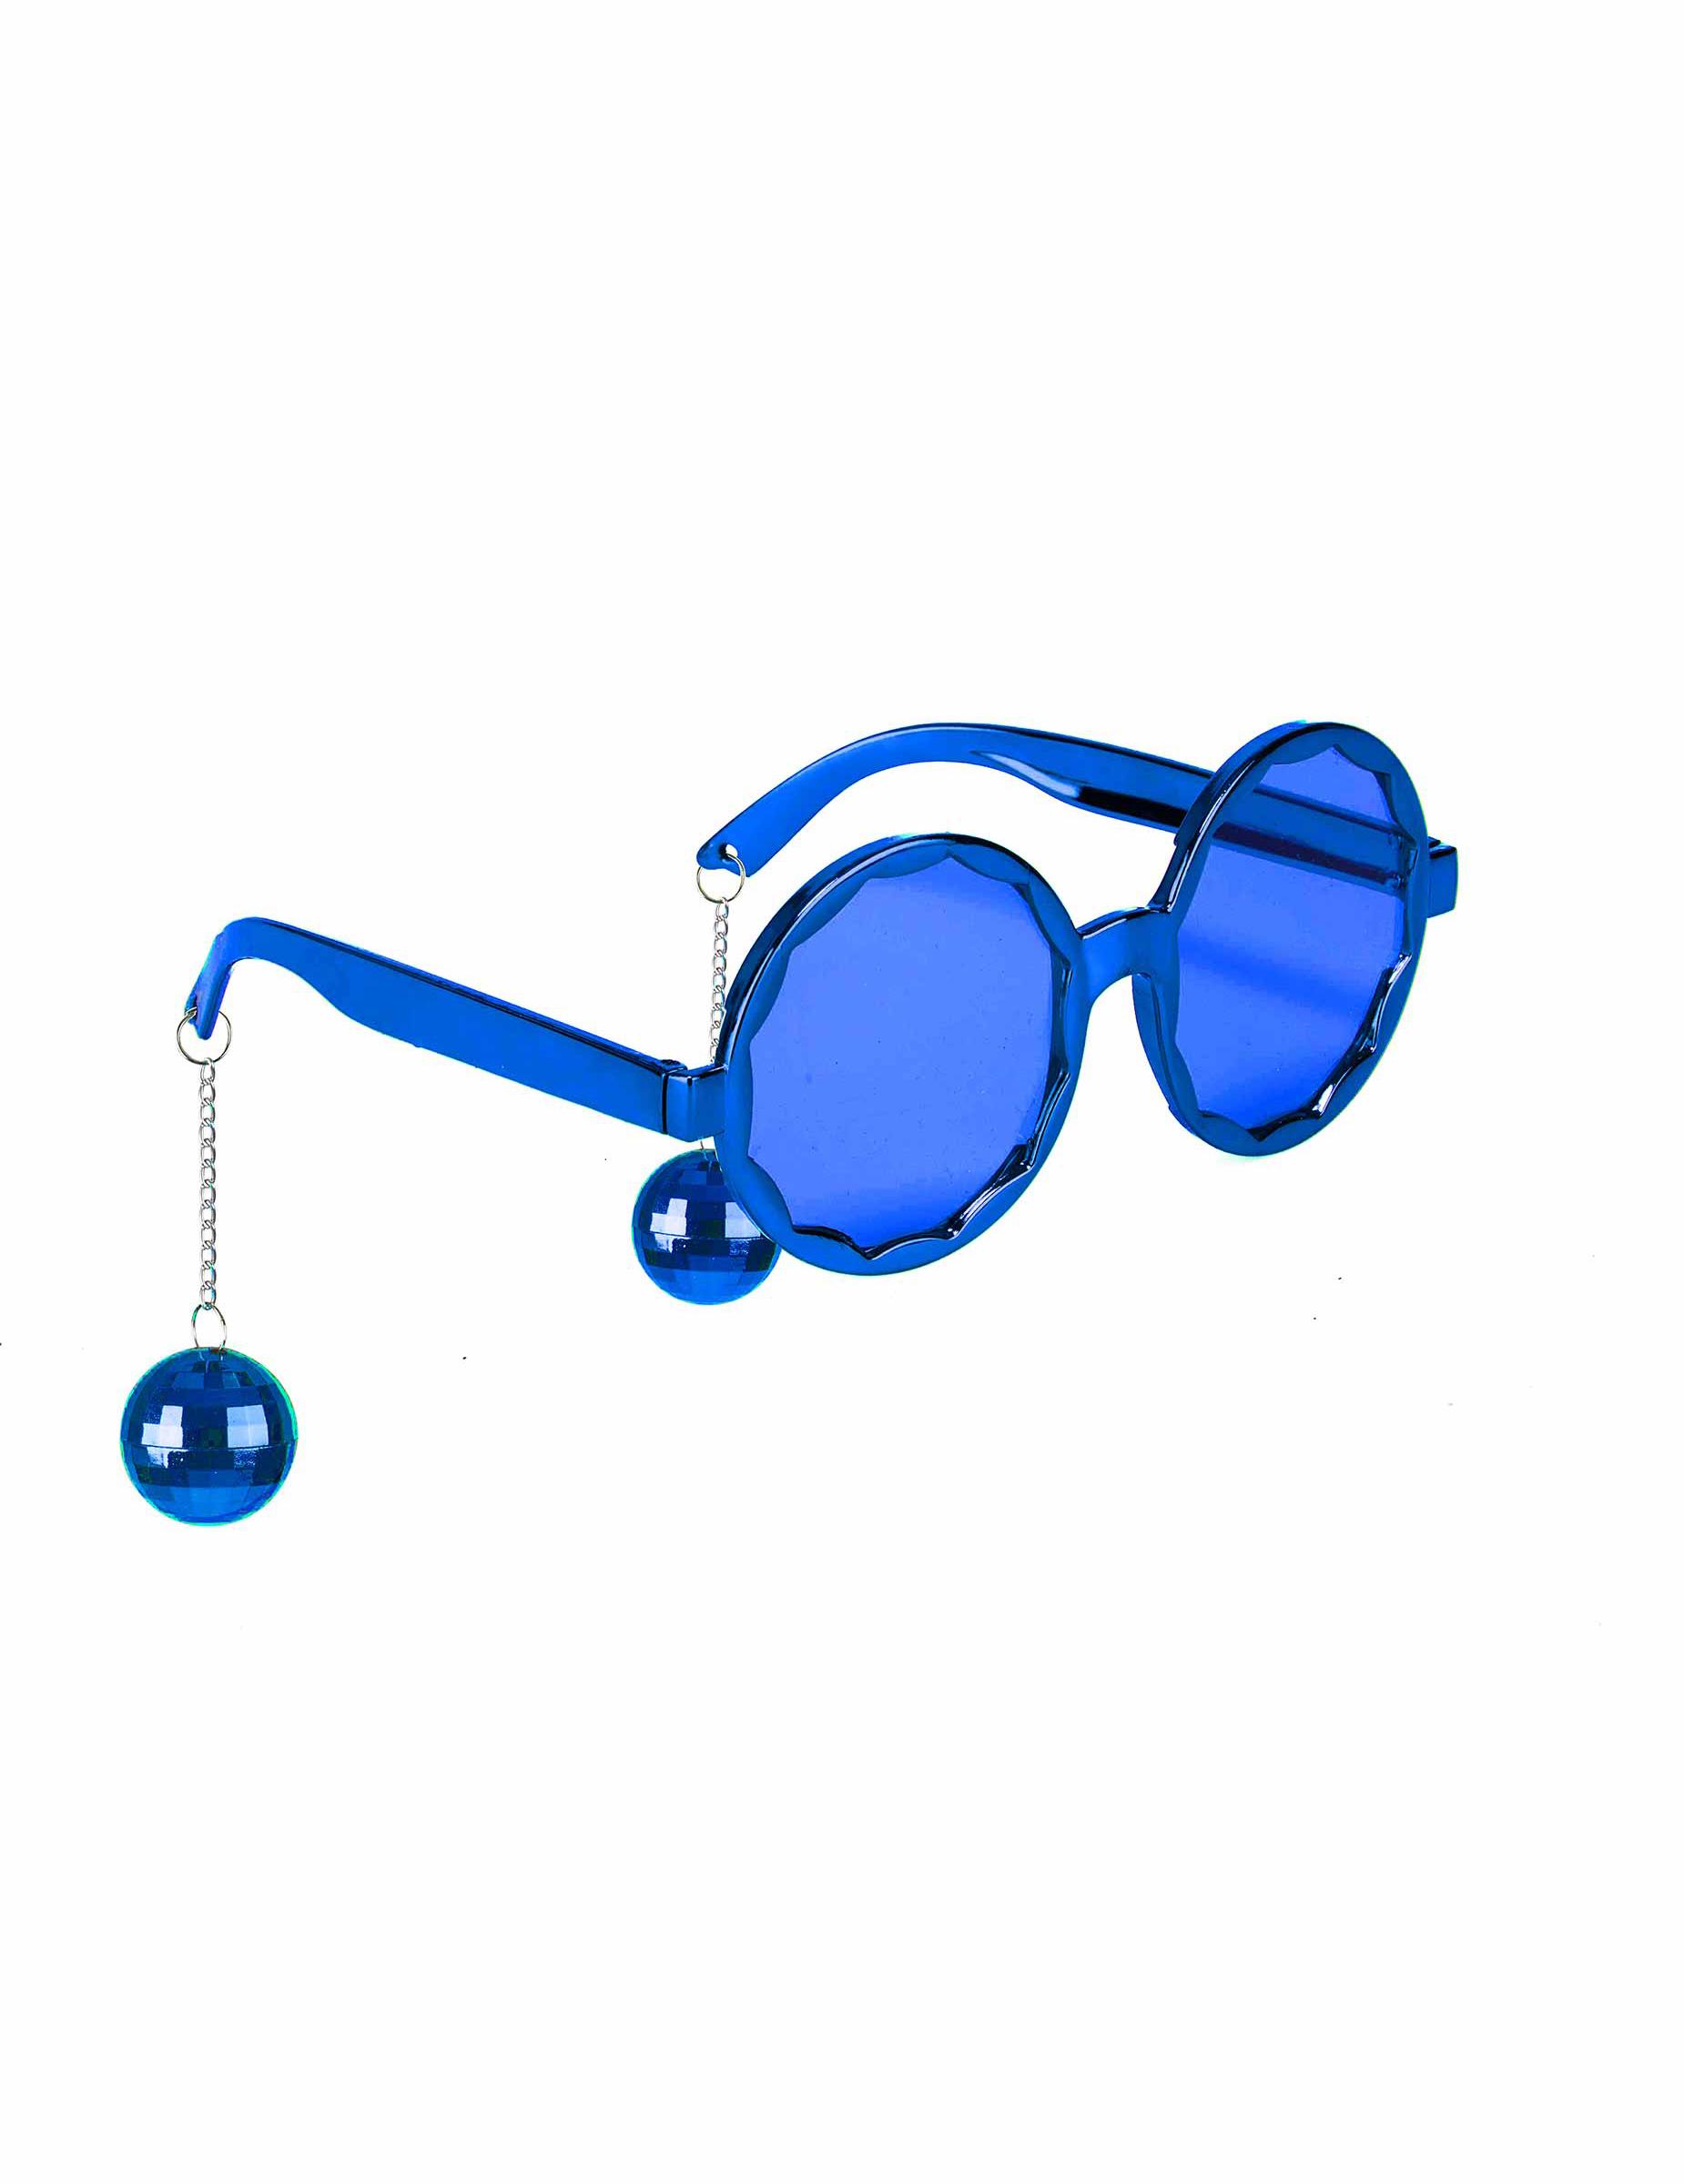 comprar real precio de descuento oferta especial Gafas azules disco adulto